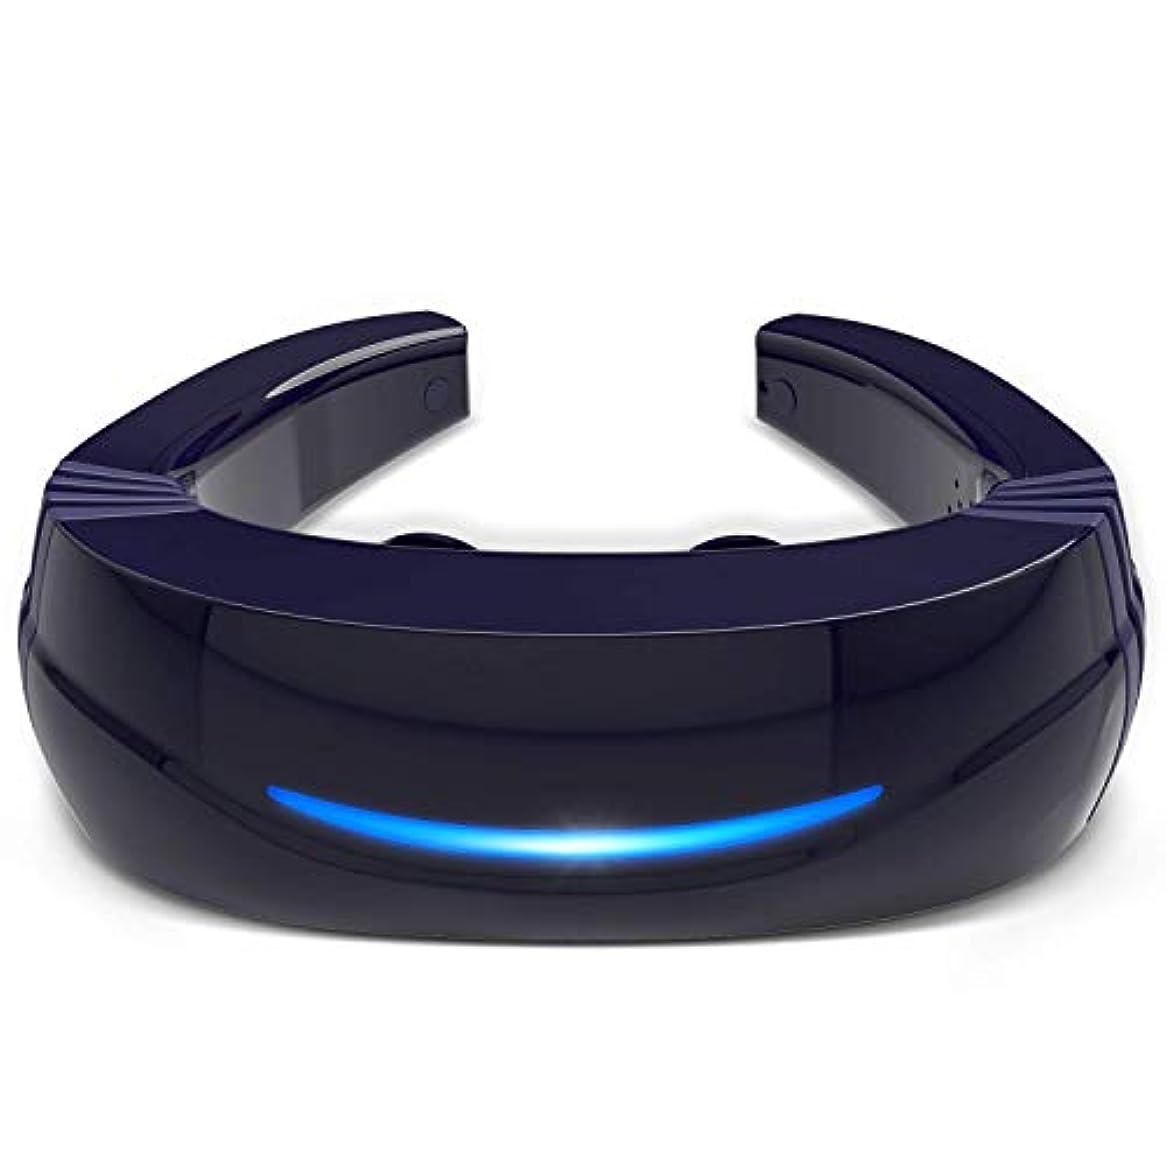 ポーン闘争ポスト印象派Hipoo ネックマッサージャー 首マッサージ 低周波 マッサージ器 ストレス解消 USB充電式 日本語説明書 電極パッド2つ付き 音声式